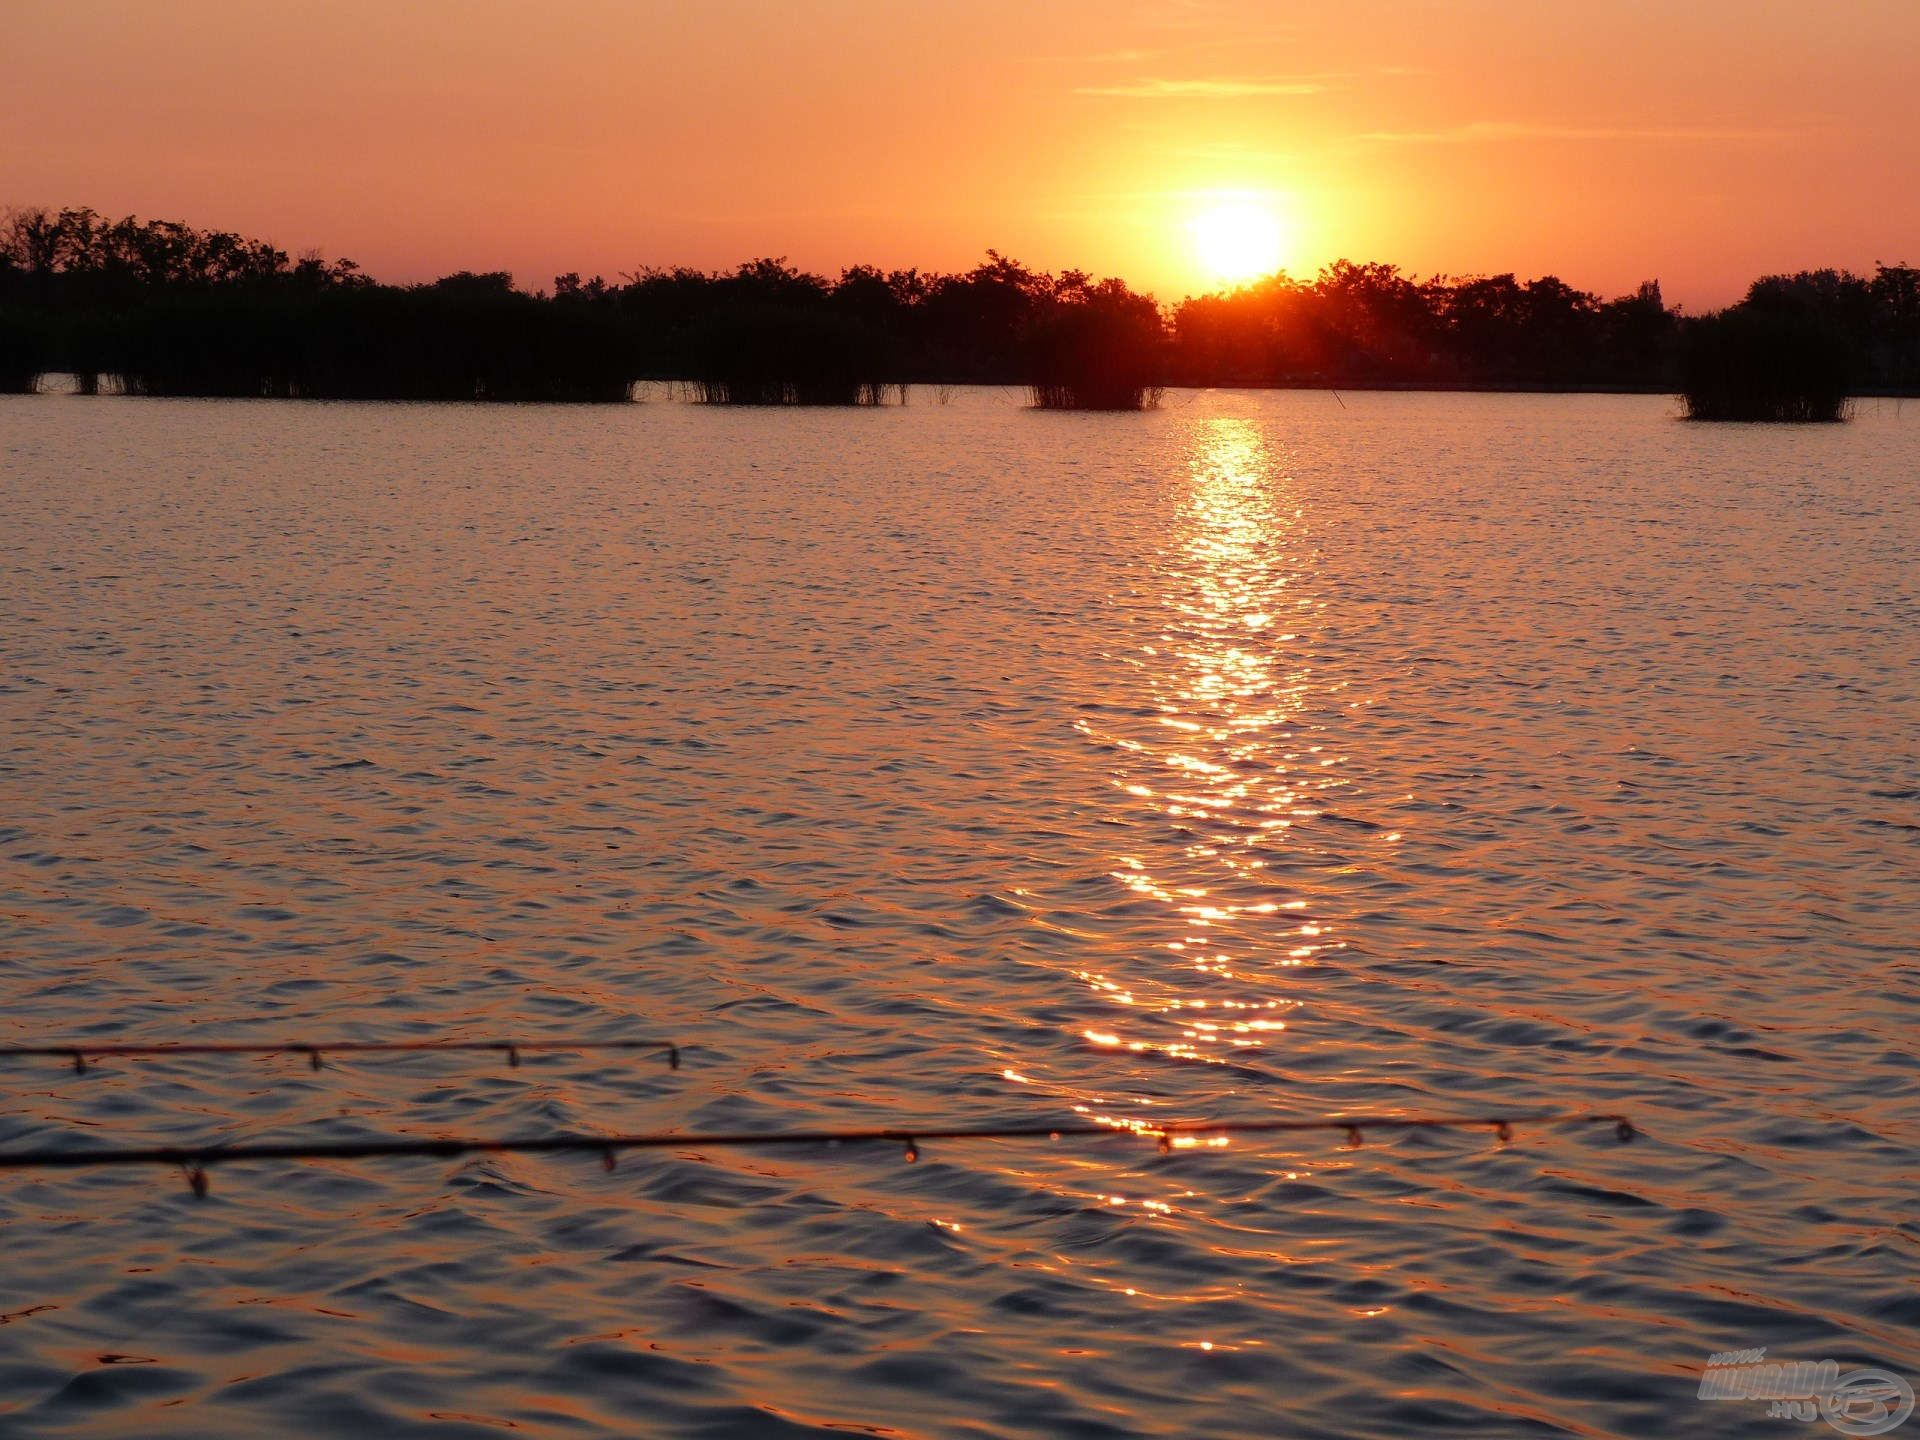 A nyári frissítő éjszakák meglehetősen rövidek, ismét egy forró nap vette kezdetét